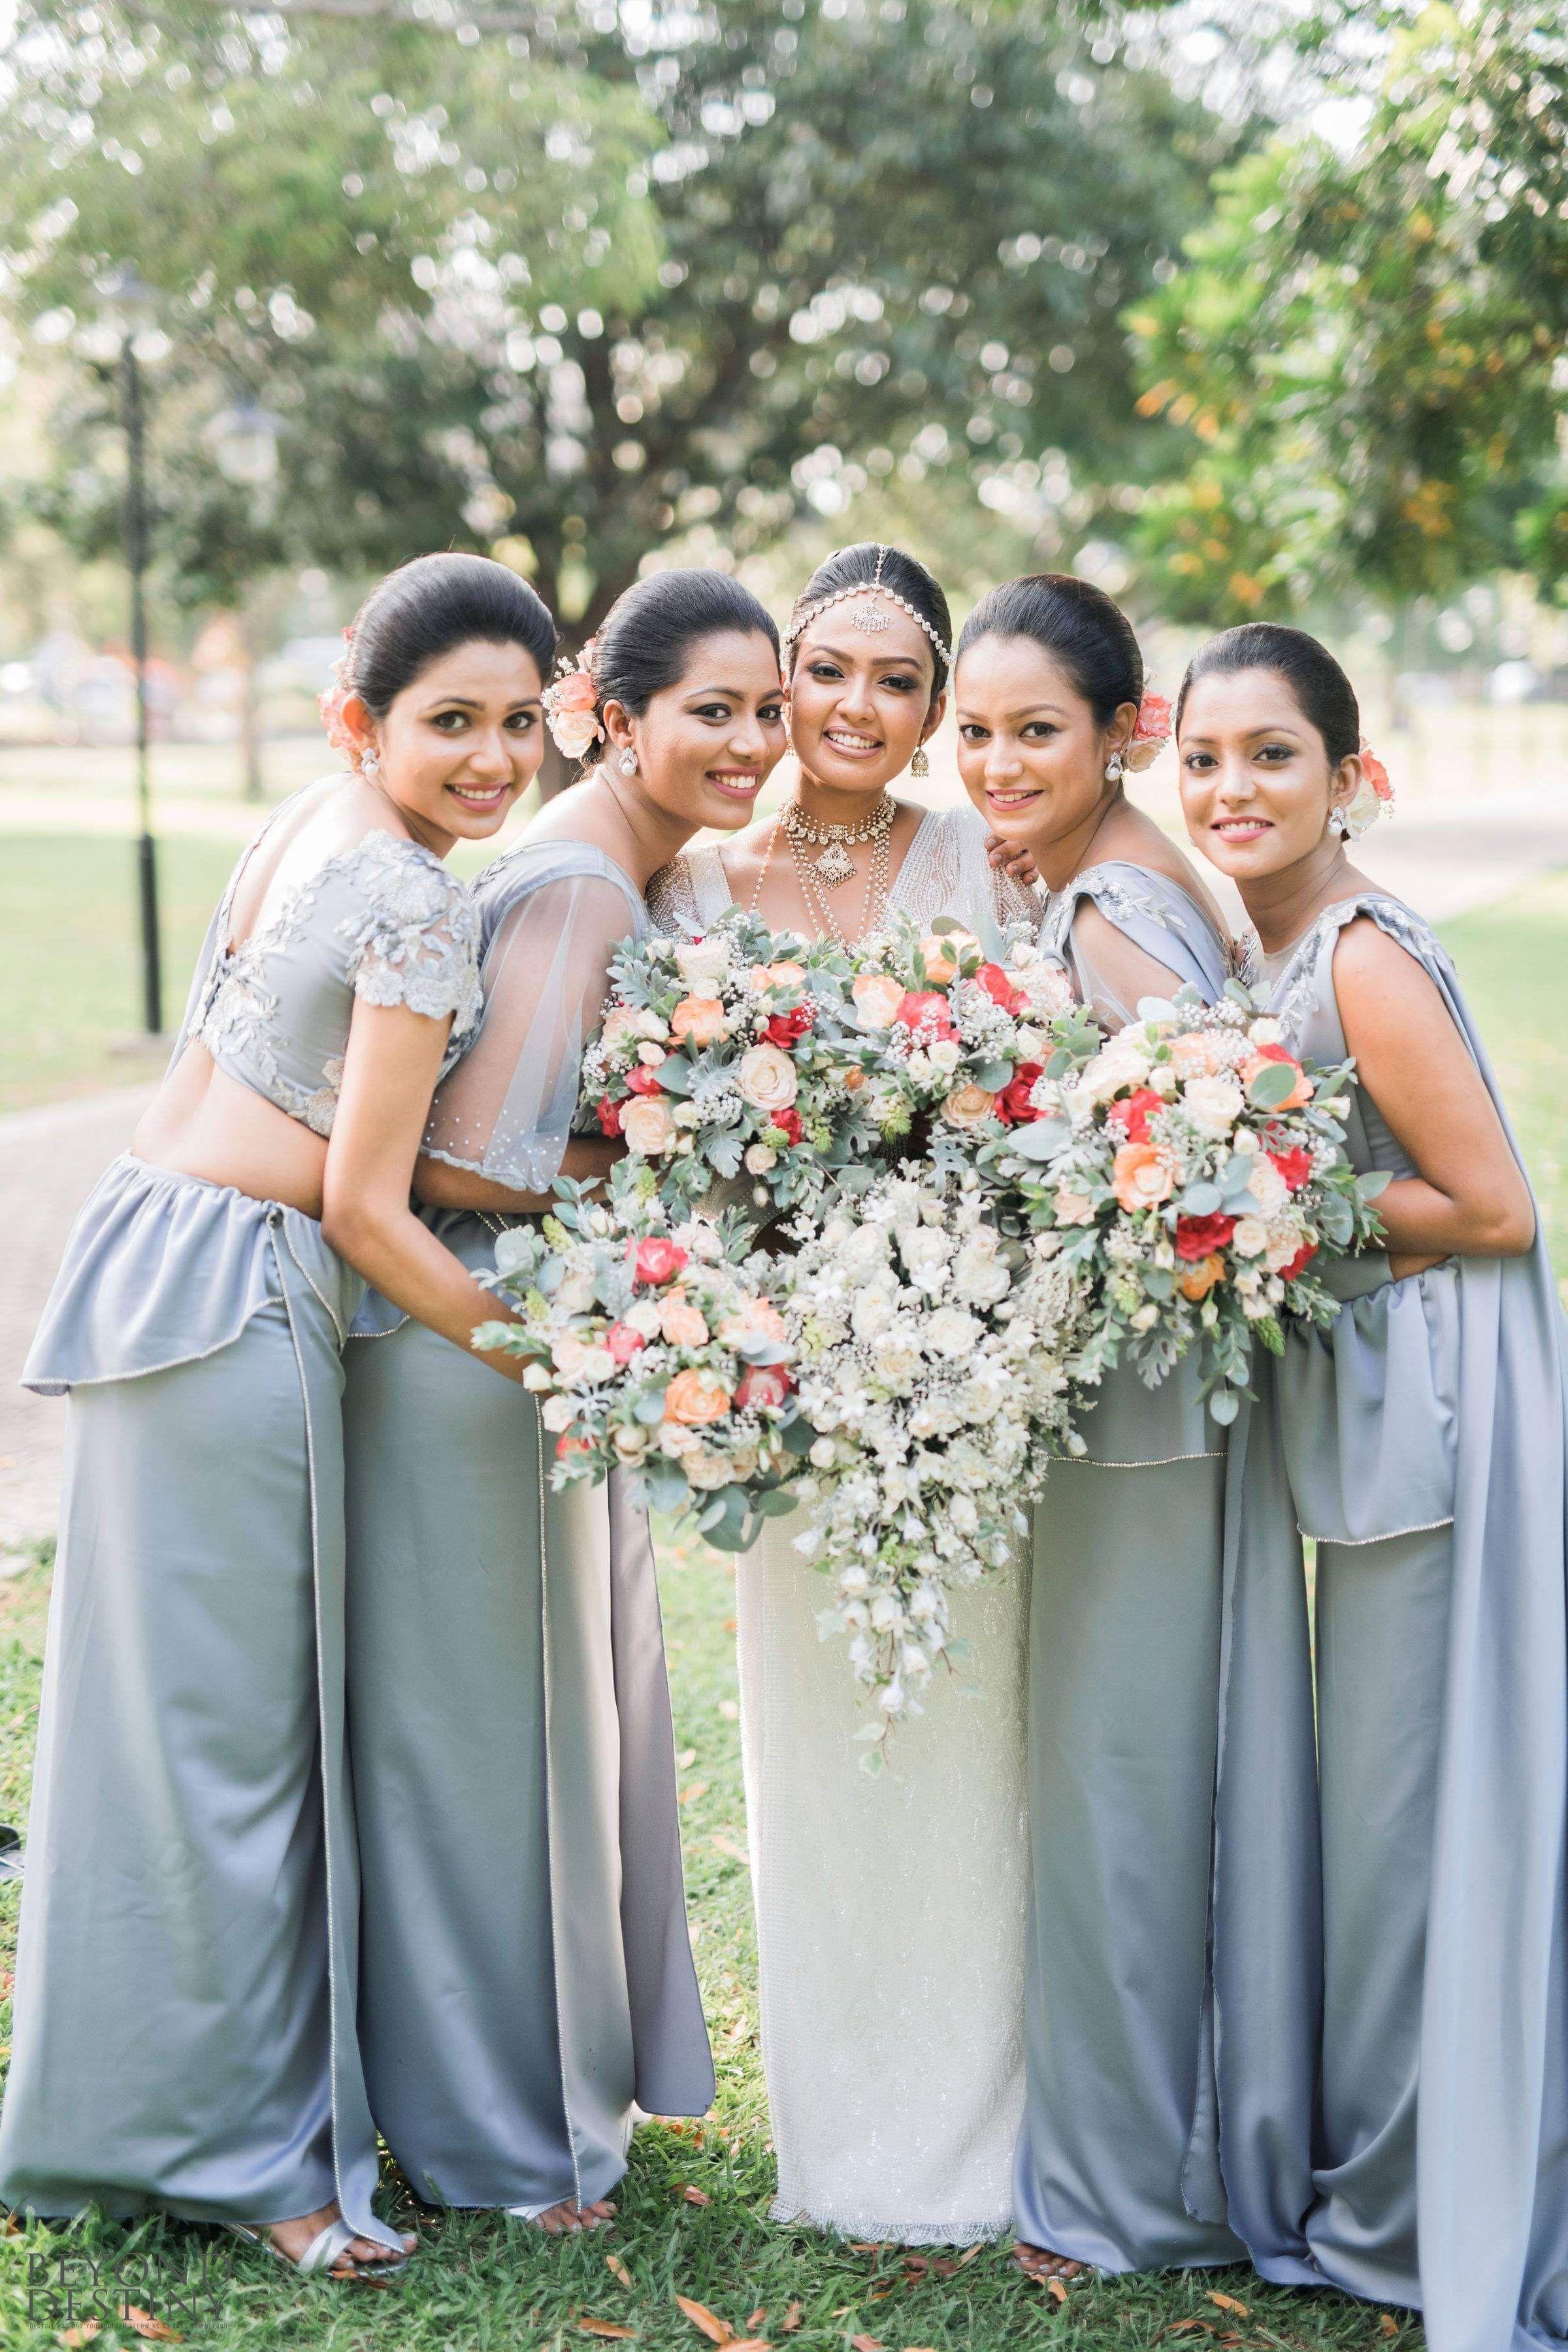 Wedding Srilanka Bridesmaid Bride Bridesmaid Saree Bride Reception Dresses Bridesmaid Dresses